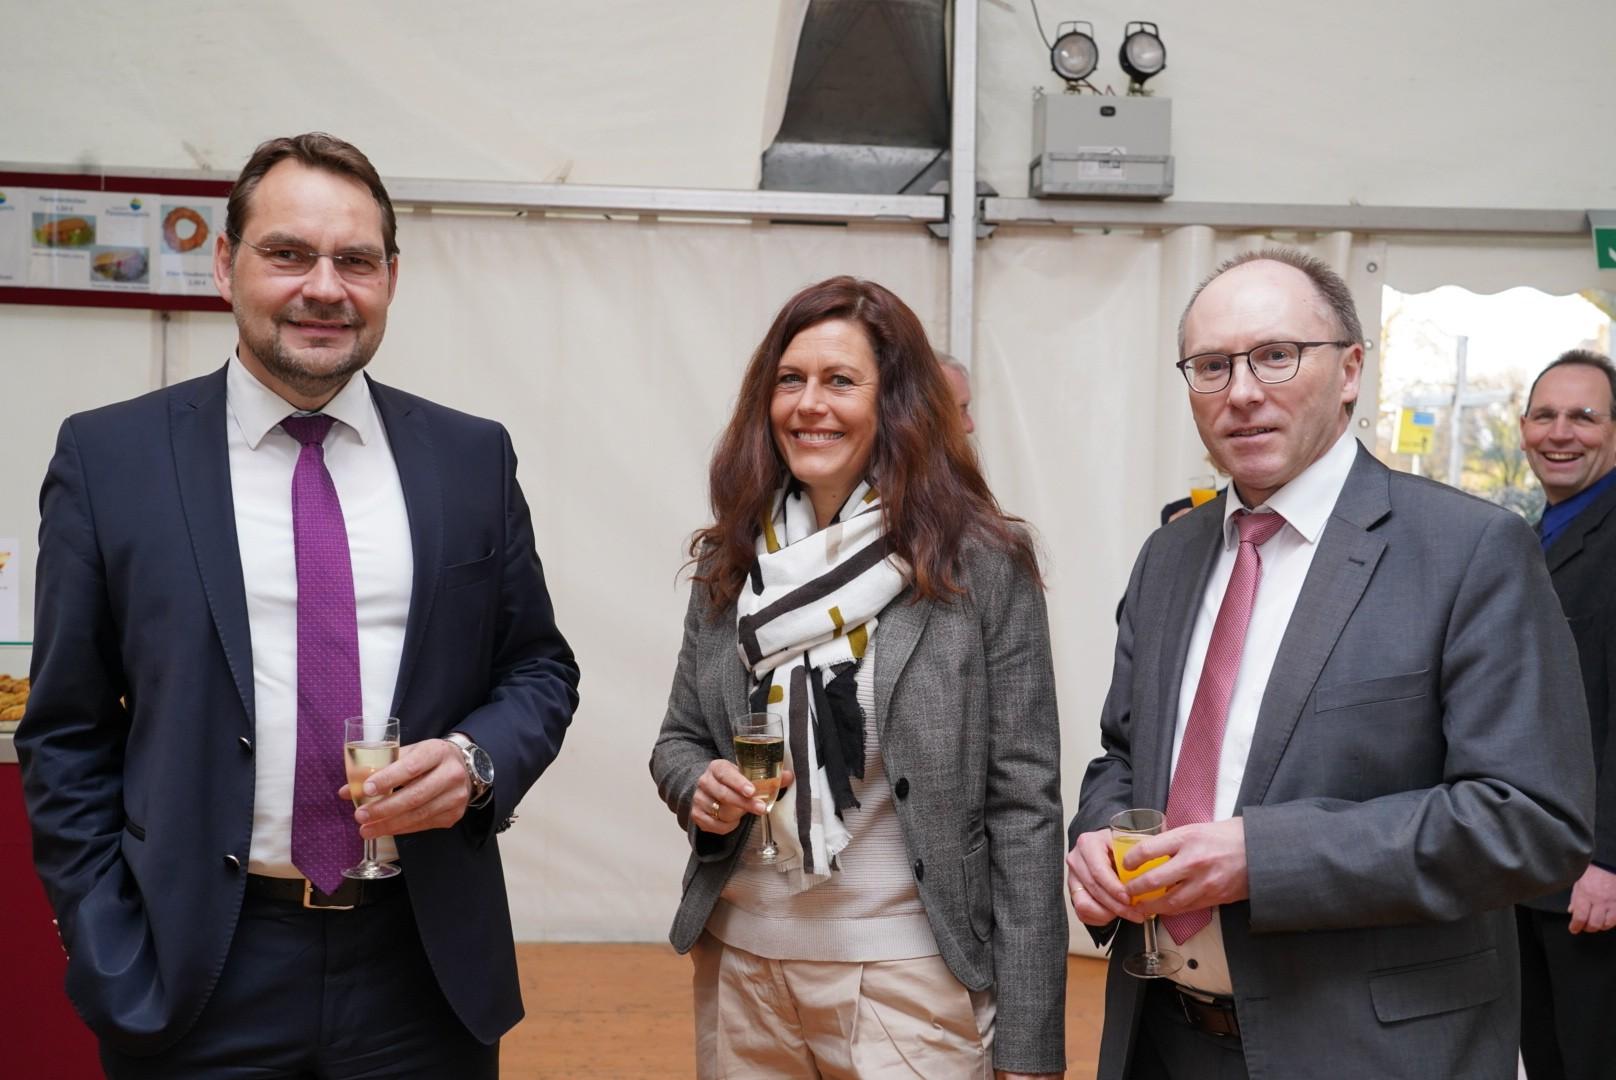 Vertreter der Sparkasse SoestWerl